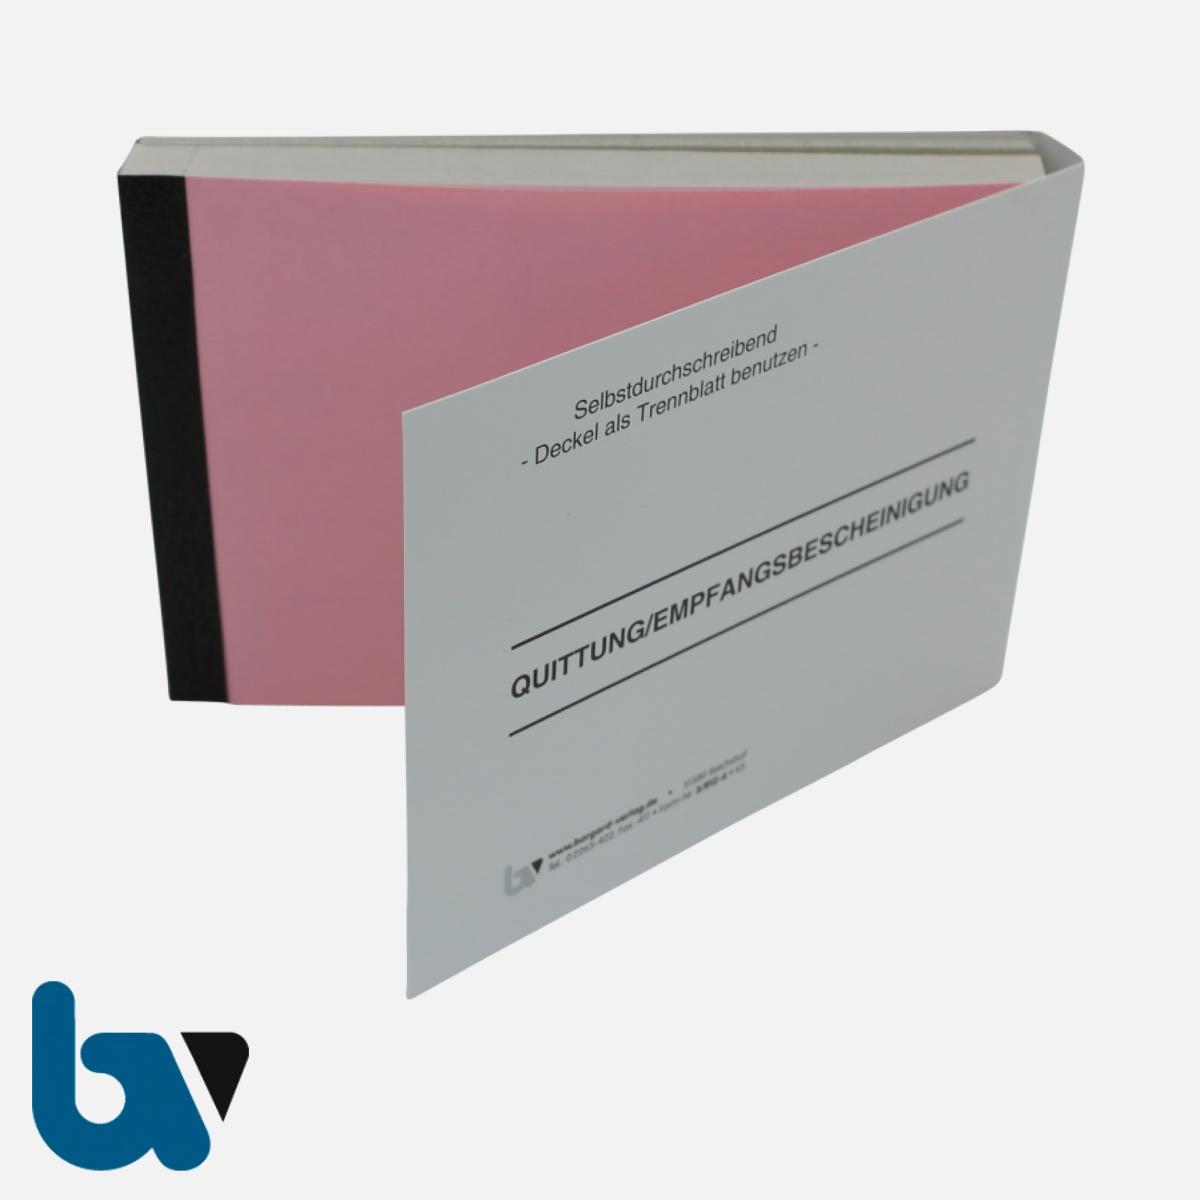 3/812-6 Quittung Empfangsbescheinigung Kasse Bar bargeldlos Zahlung Produkt Sachkonto selbstdurchschreibend 3-fach Schreibschutzdeckel Nummerierung fortlaufend DIN A6 Vorderseite | Borgard Verlag GmbH